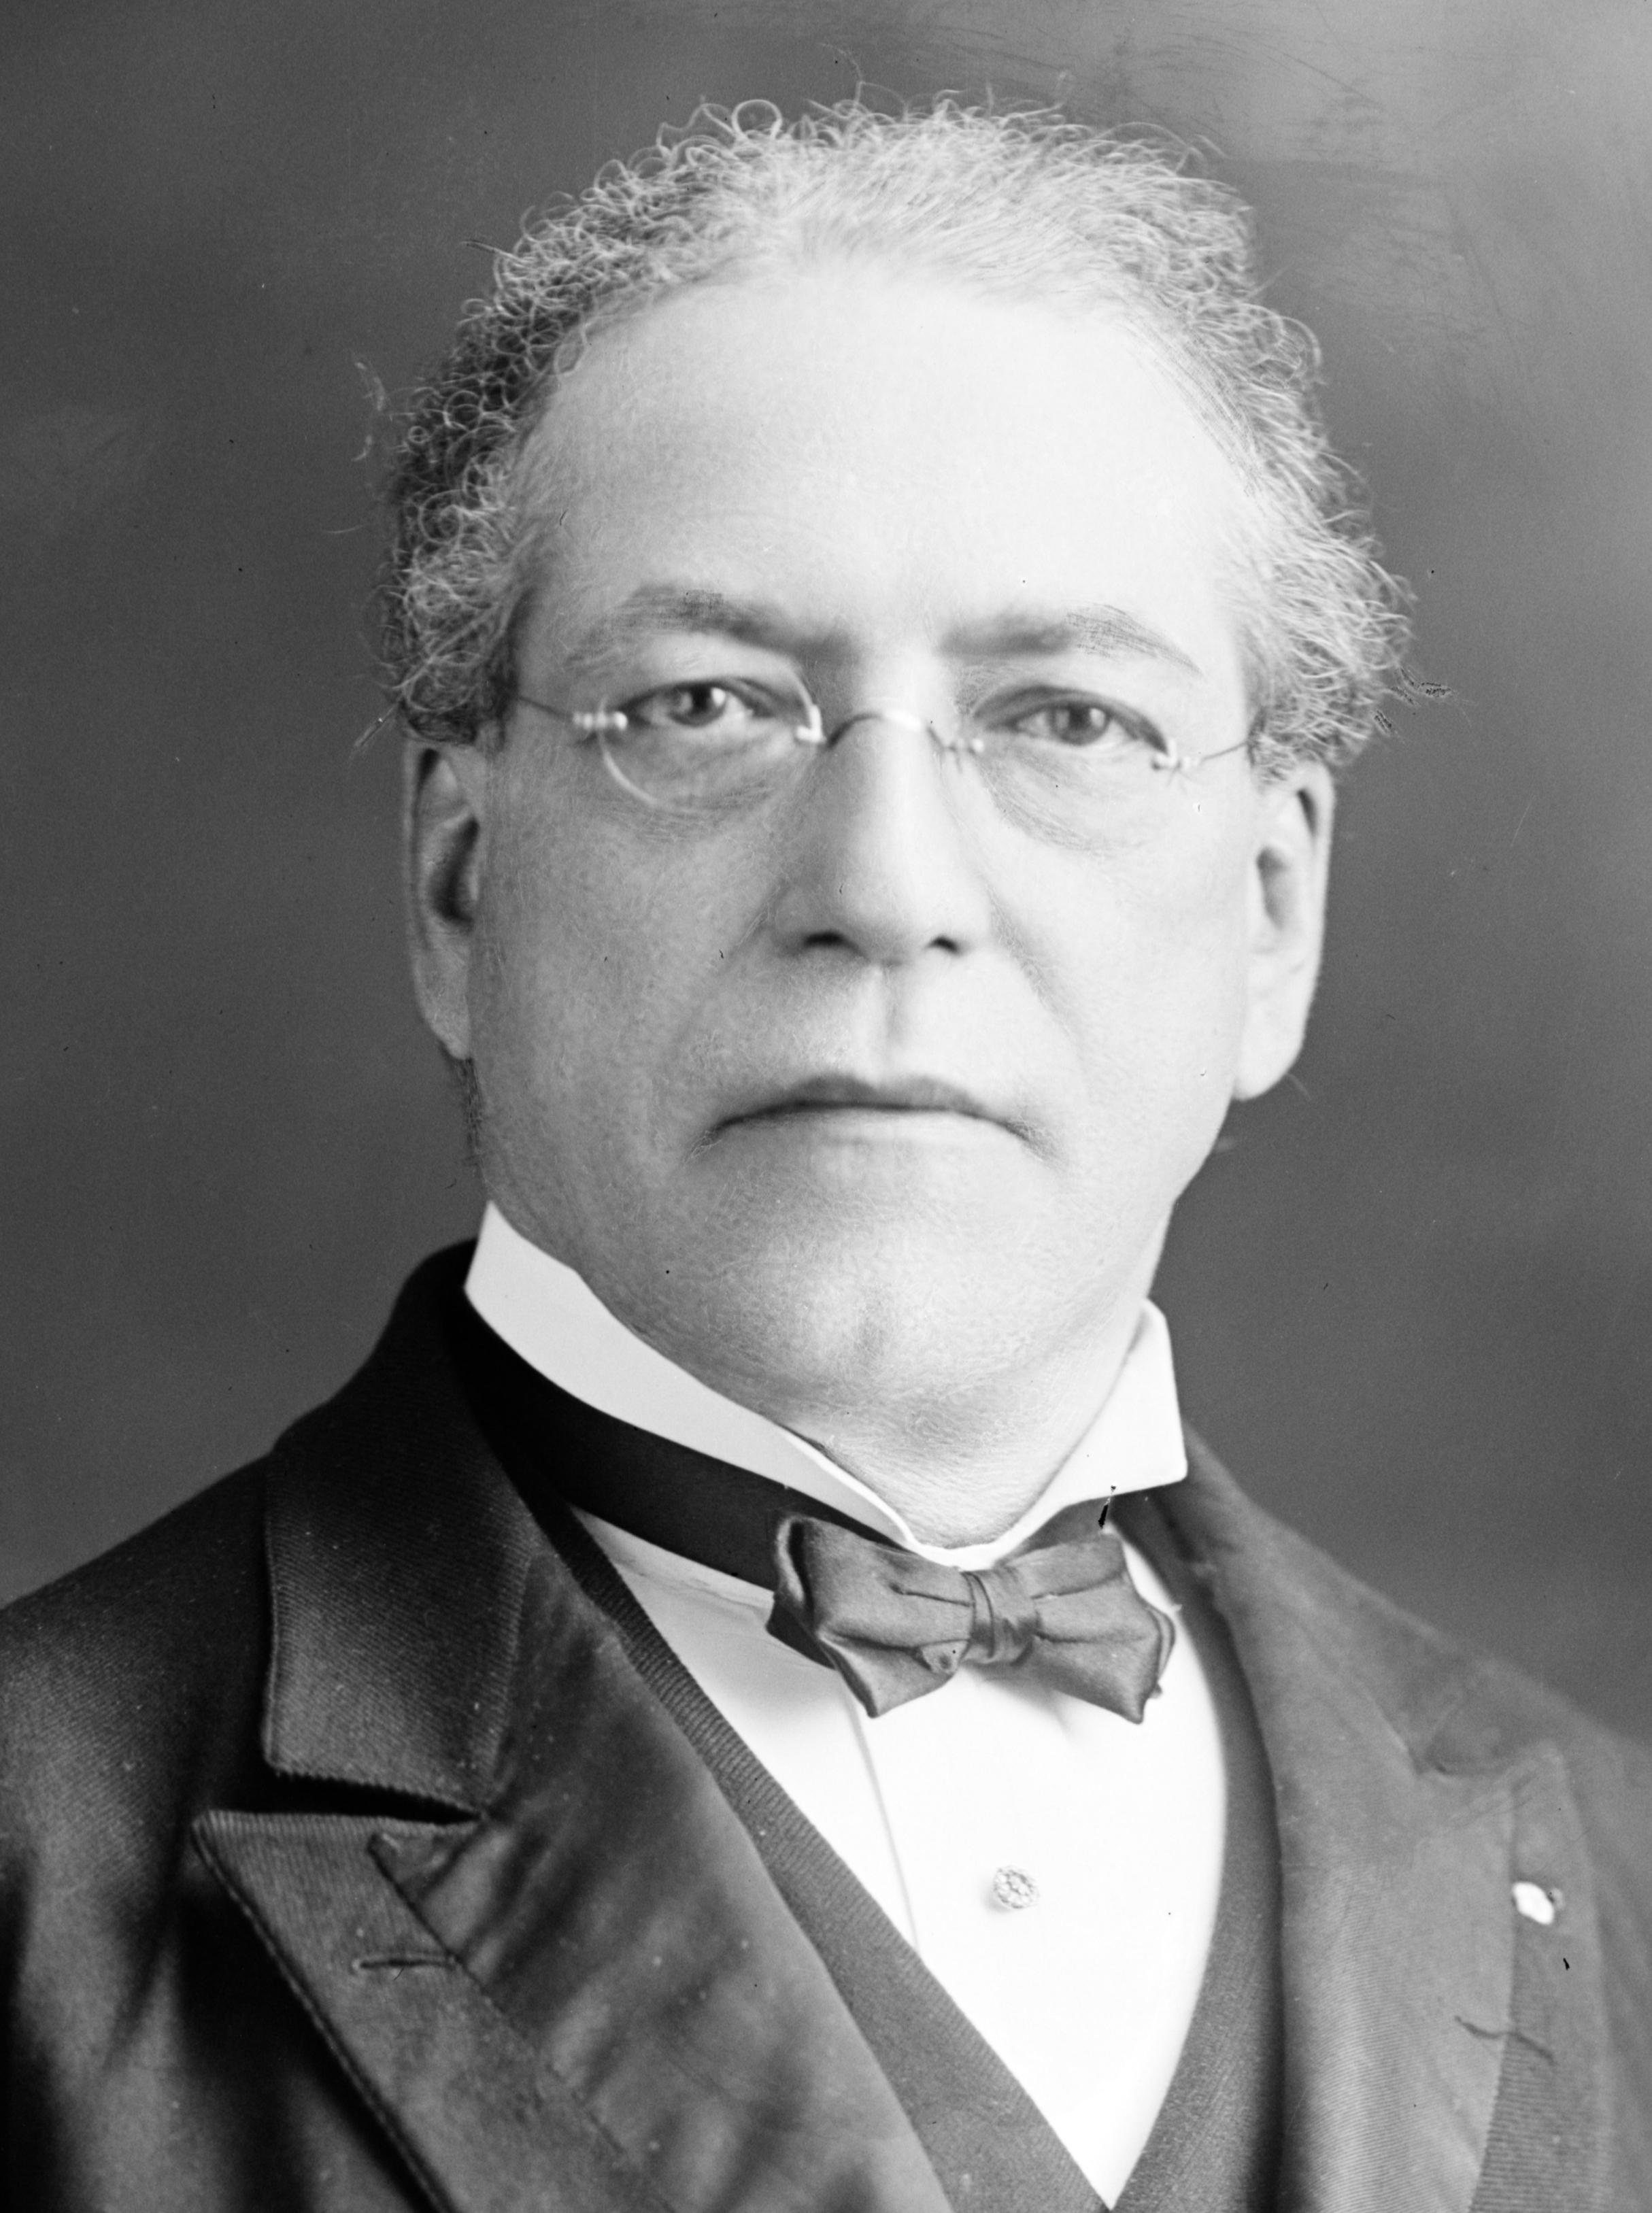 Samuel Gompers, fundador de la Federación Estadounidense del Trabajo (AFL). (Harris & Ewing/Biblioteca del Congreso)